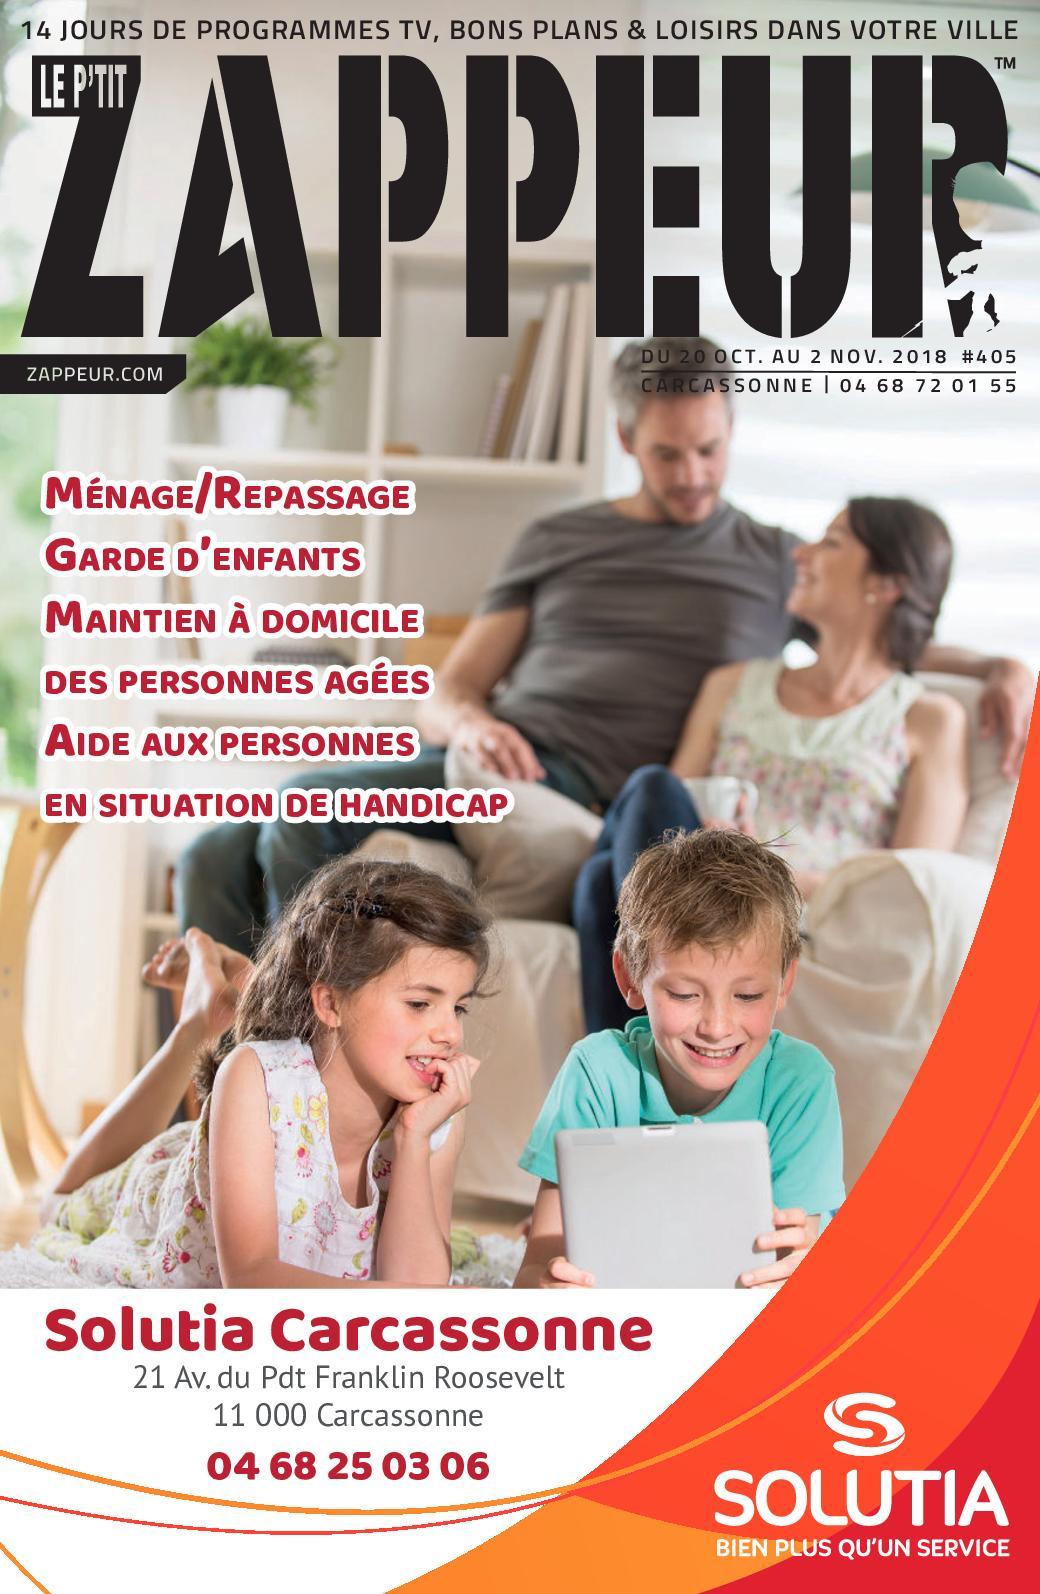 Carcassonne Zappeur 405 Le P'tit Calaméo qzRXn4ta